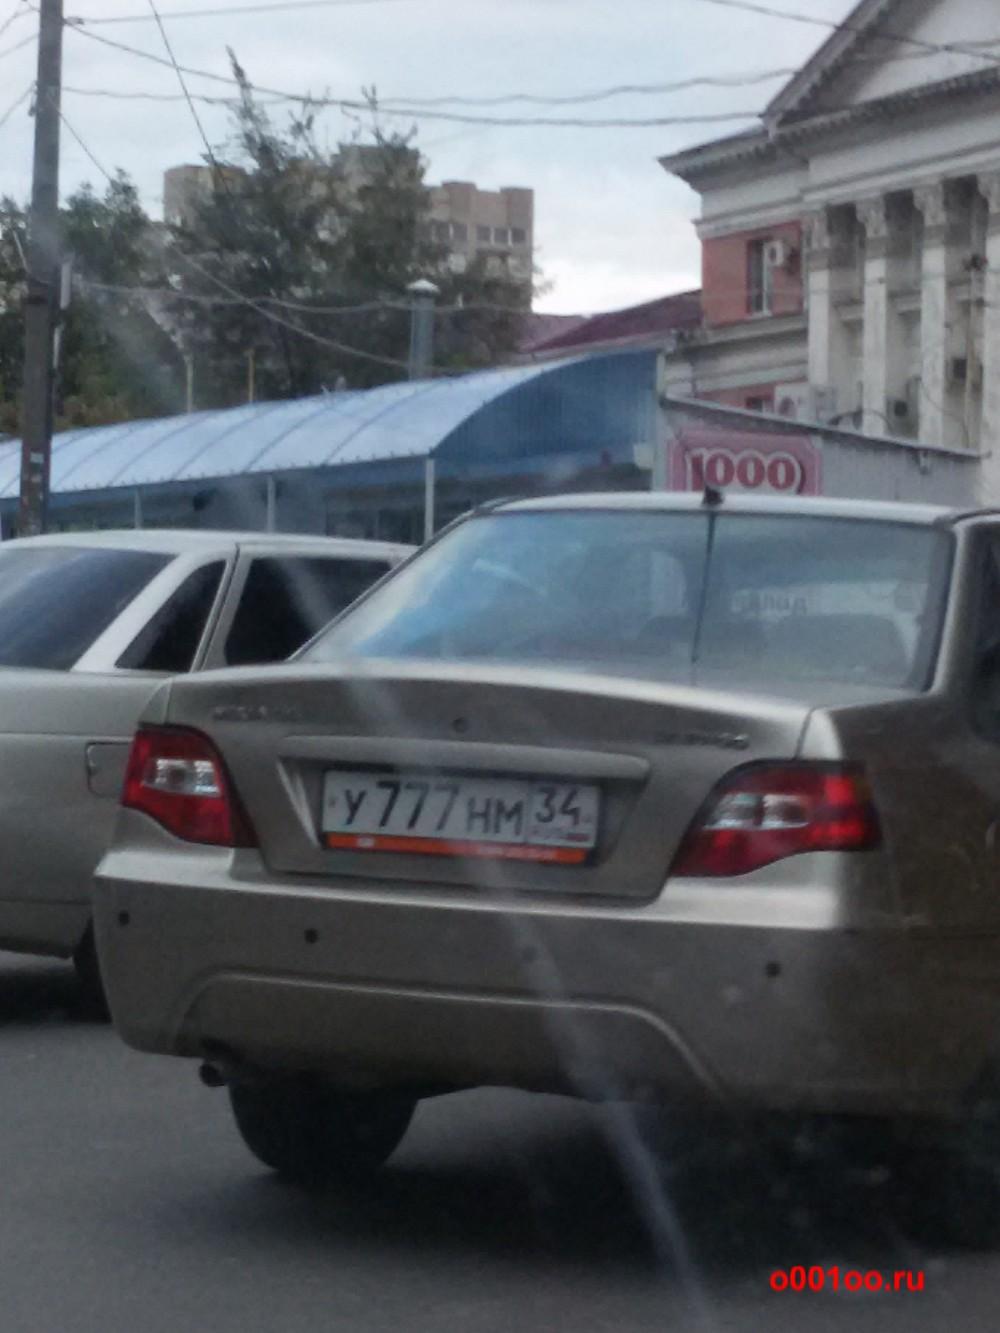 у777нм34